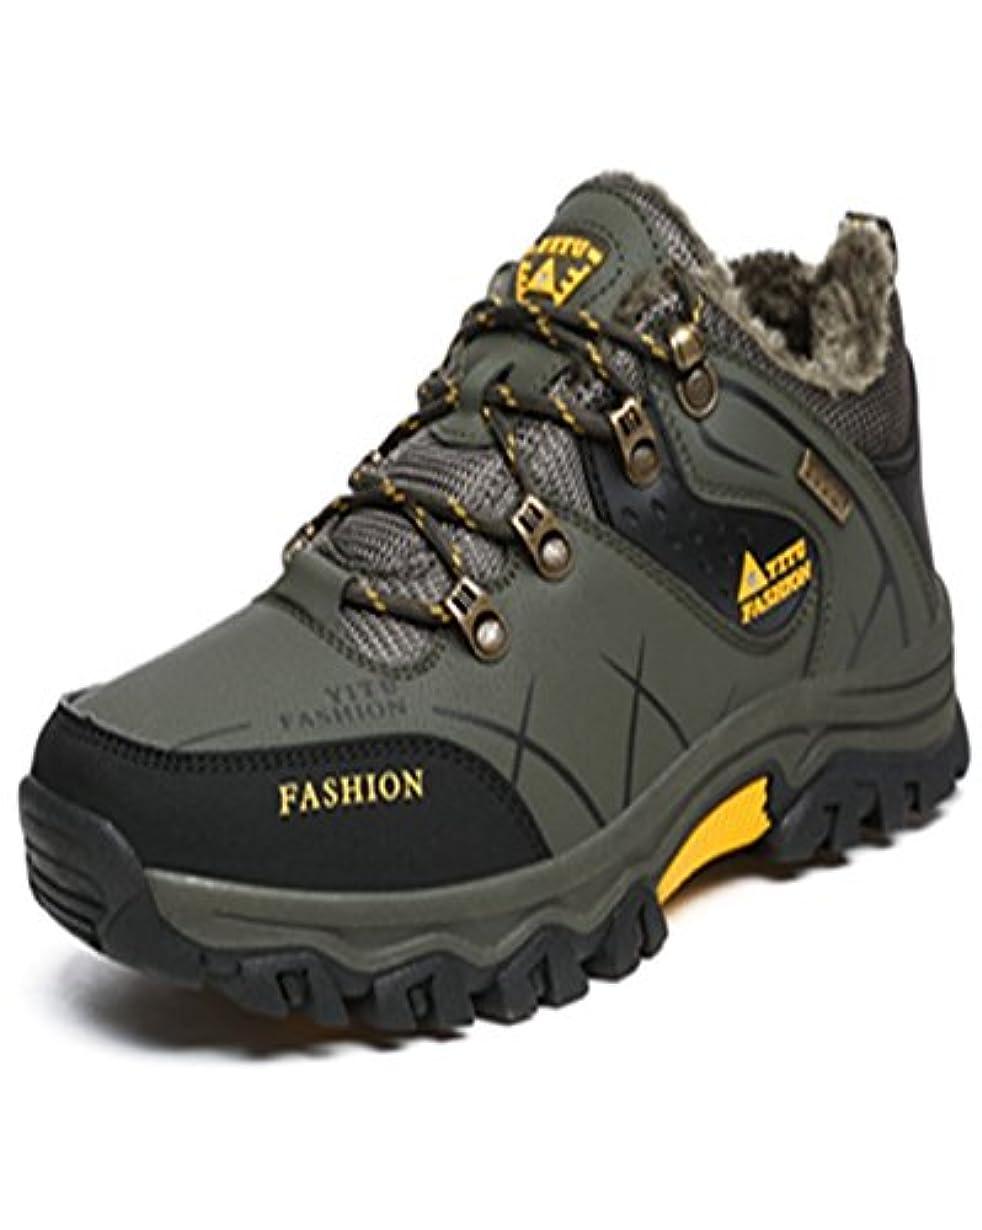 連結する崩壊自動トレッキングシューズ 登山靴 メンズ  ハイキングシューズ 防水 防滑 ウォーキングシューズ アウトドア トラベル ハイカット キャンプ シューズ 暖かい靴 大きいサイズ クッション性/通気性  グリン裏起毛 26.5CM